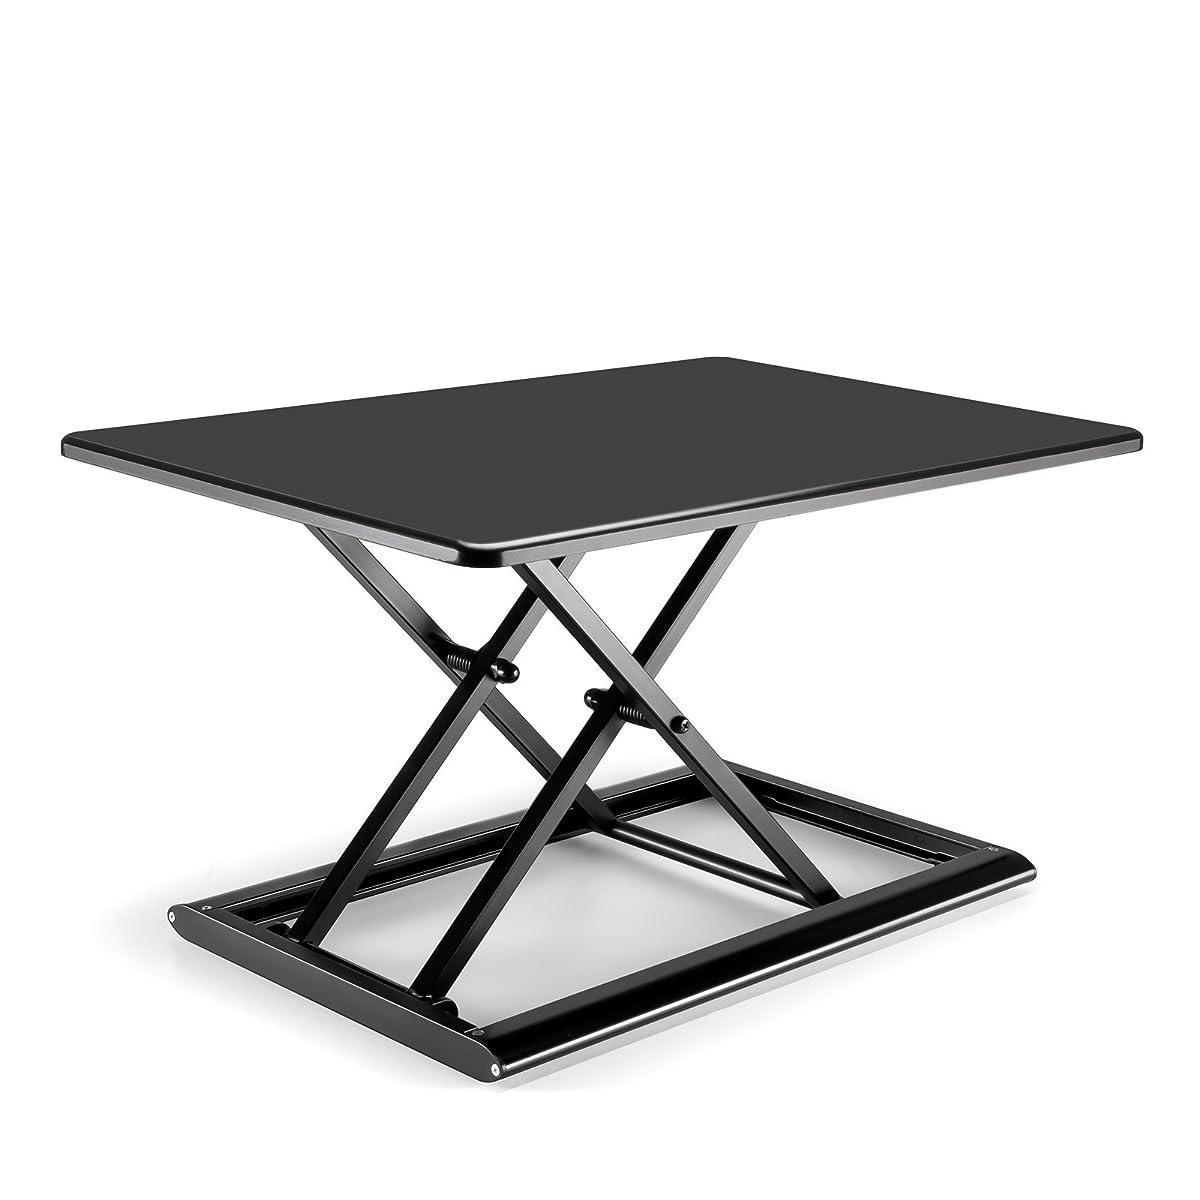 ガウン献身アボートエメゾ 昇降式テーブル スタンディングデスク 30 x 20インチ 手動式の調整 座位立位両用 【女性にも人気 軽くて使いやすい机上テーブル】